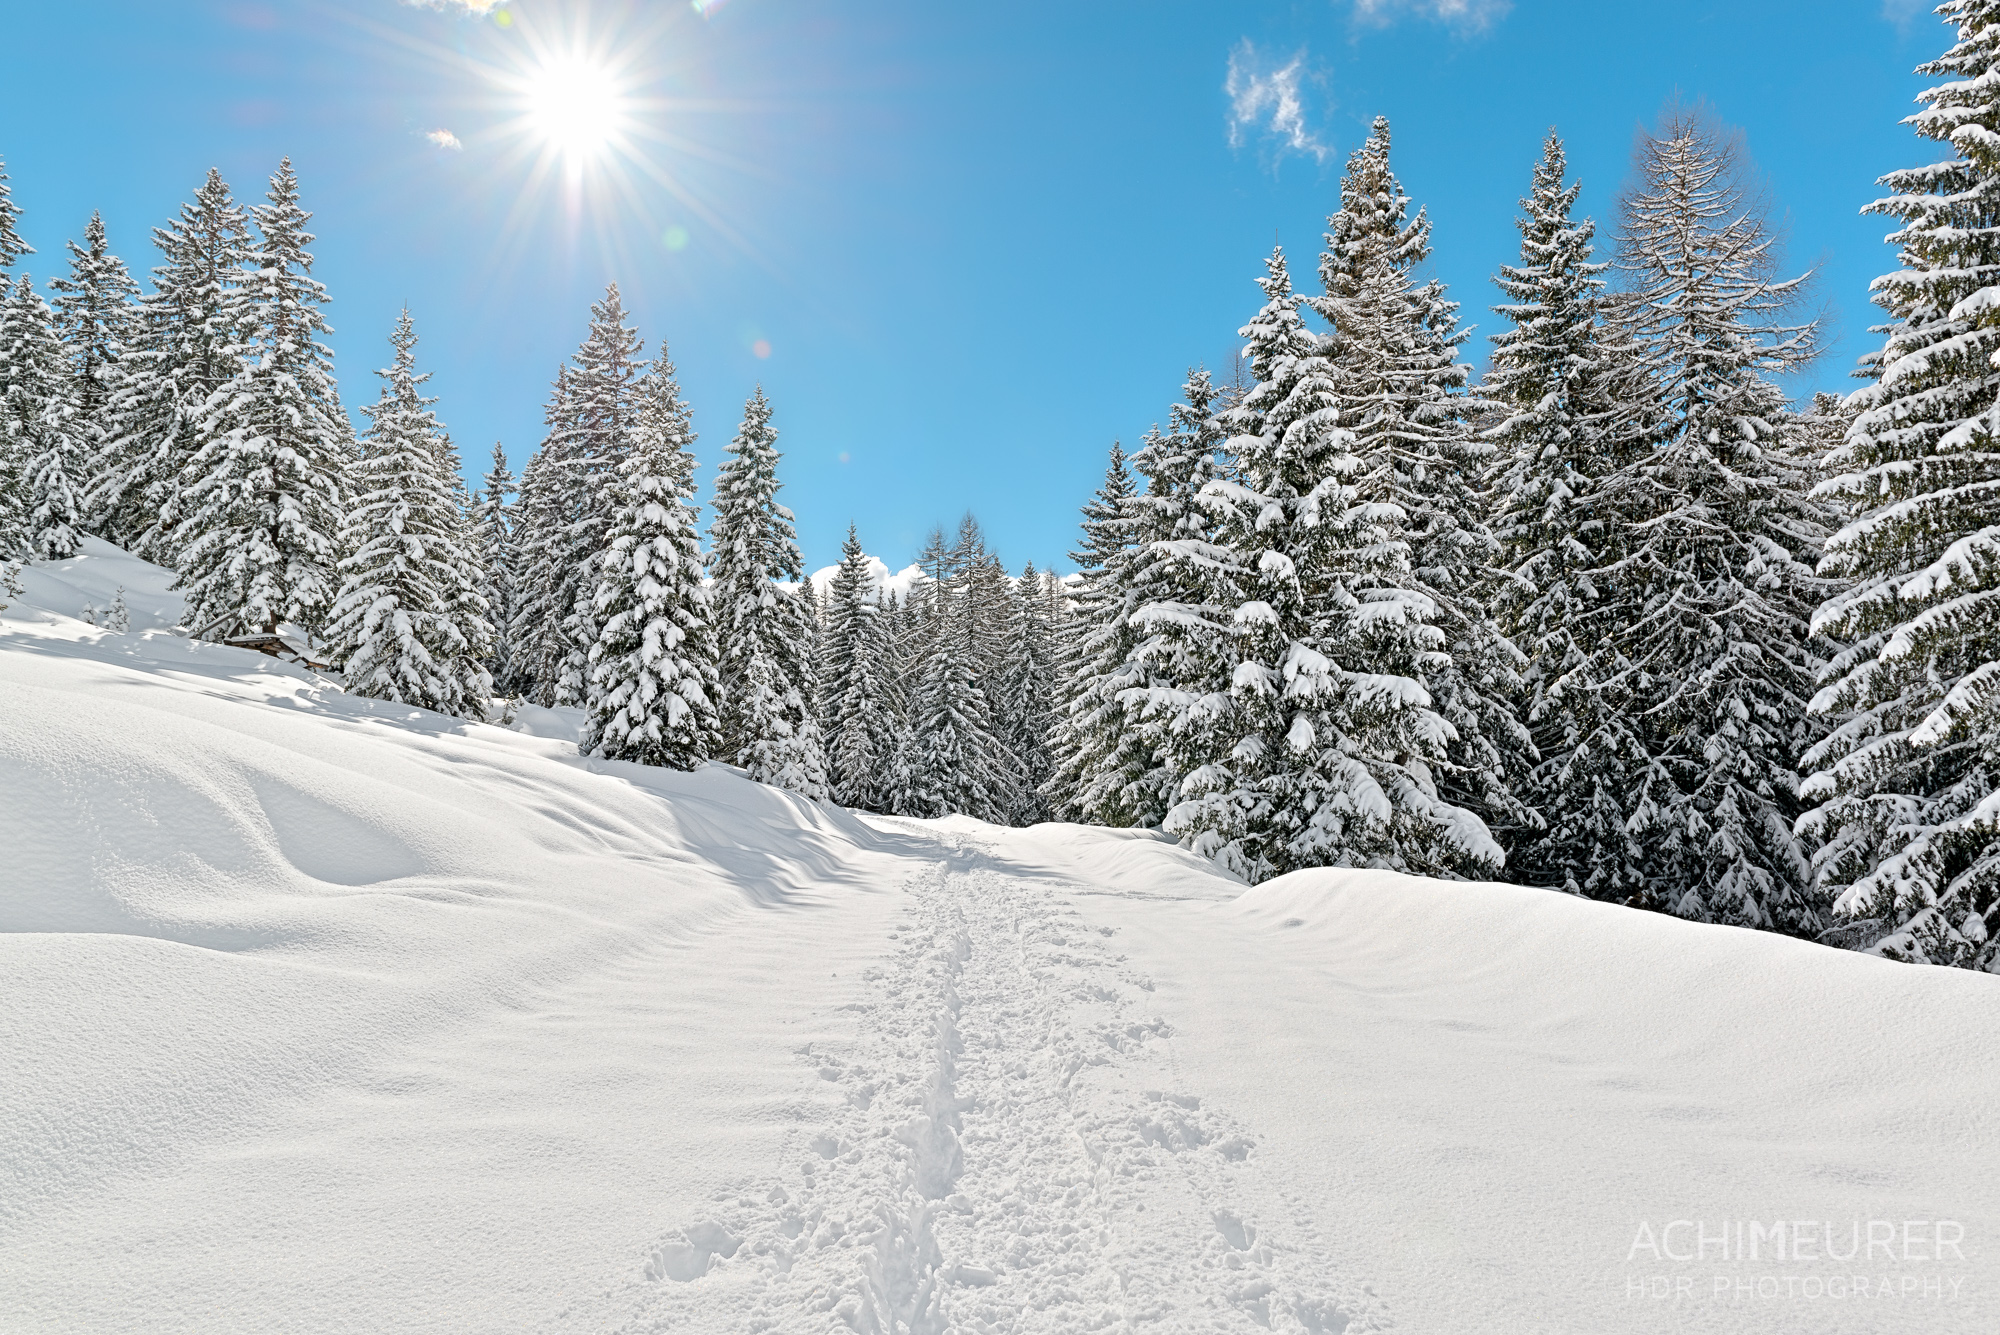 Die-schoensten-Winterfotos-Winterlandschaft-31 by Achim Meurer.